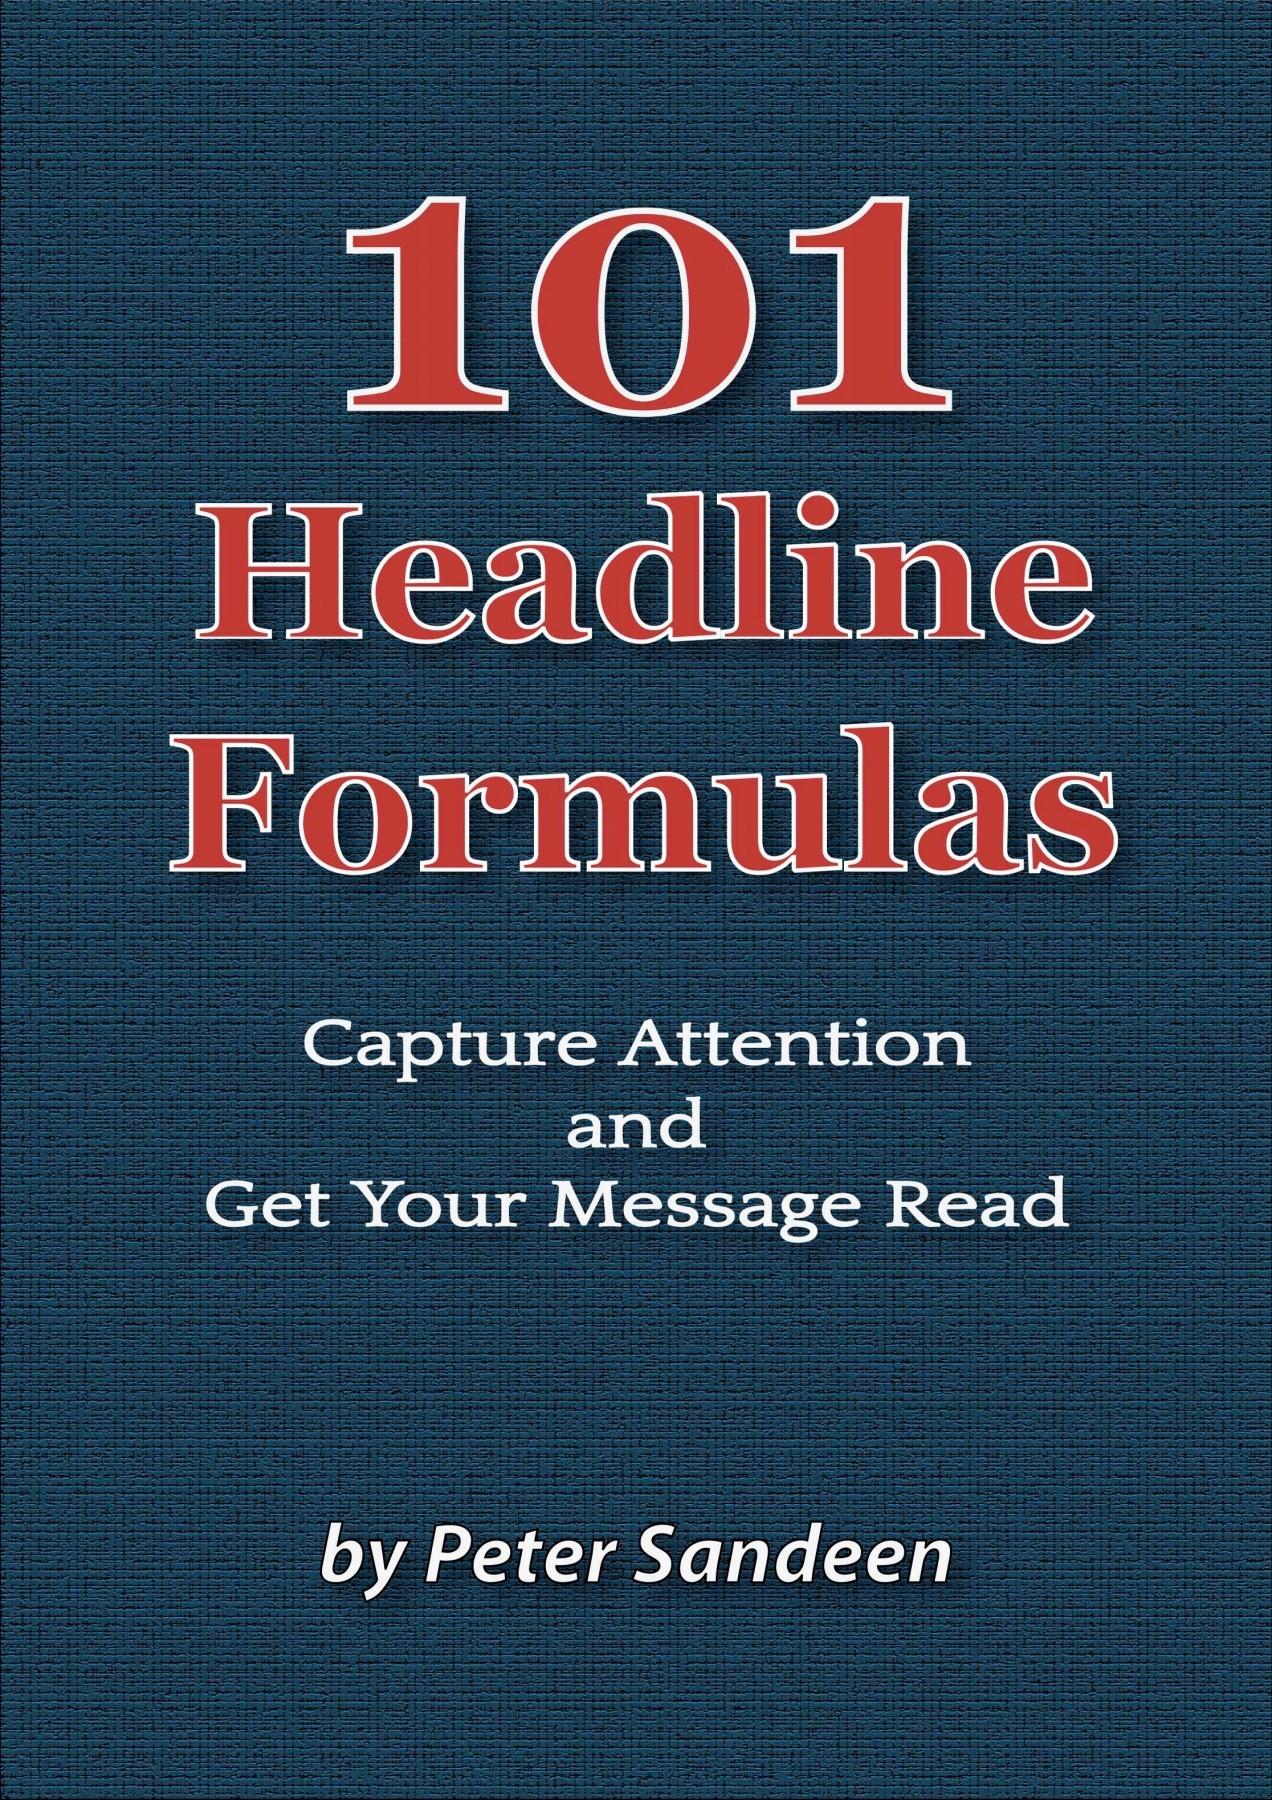 标题党速成 - 网络营销必备(101 Headline Formulas)